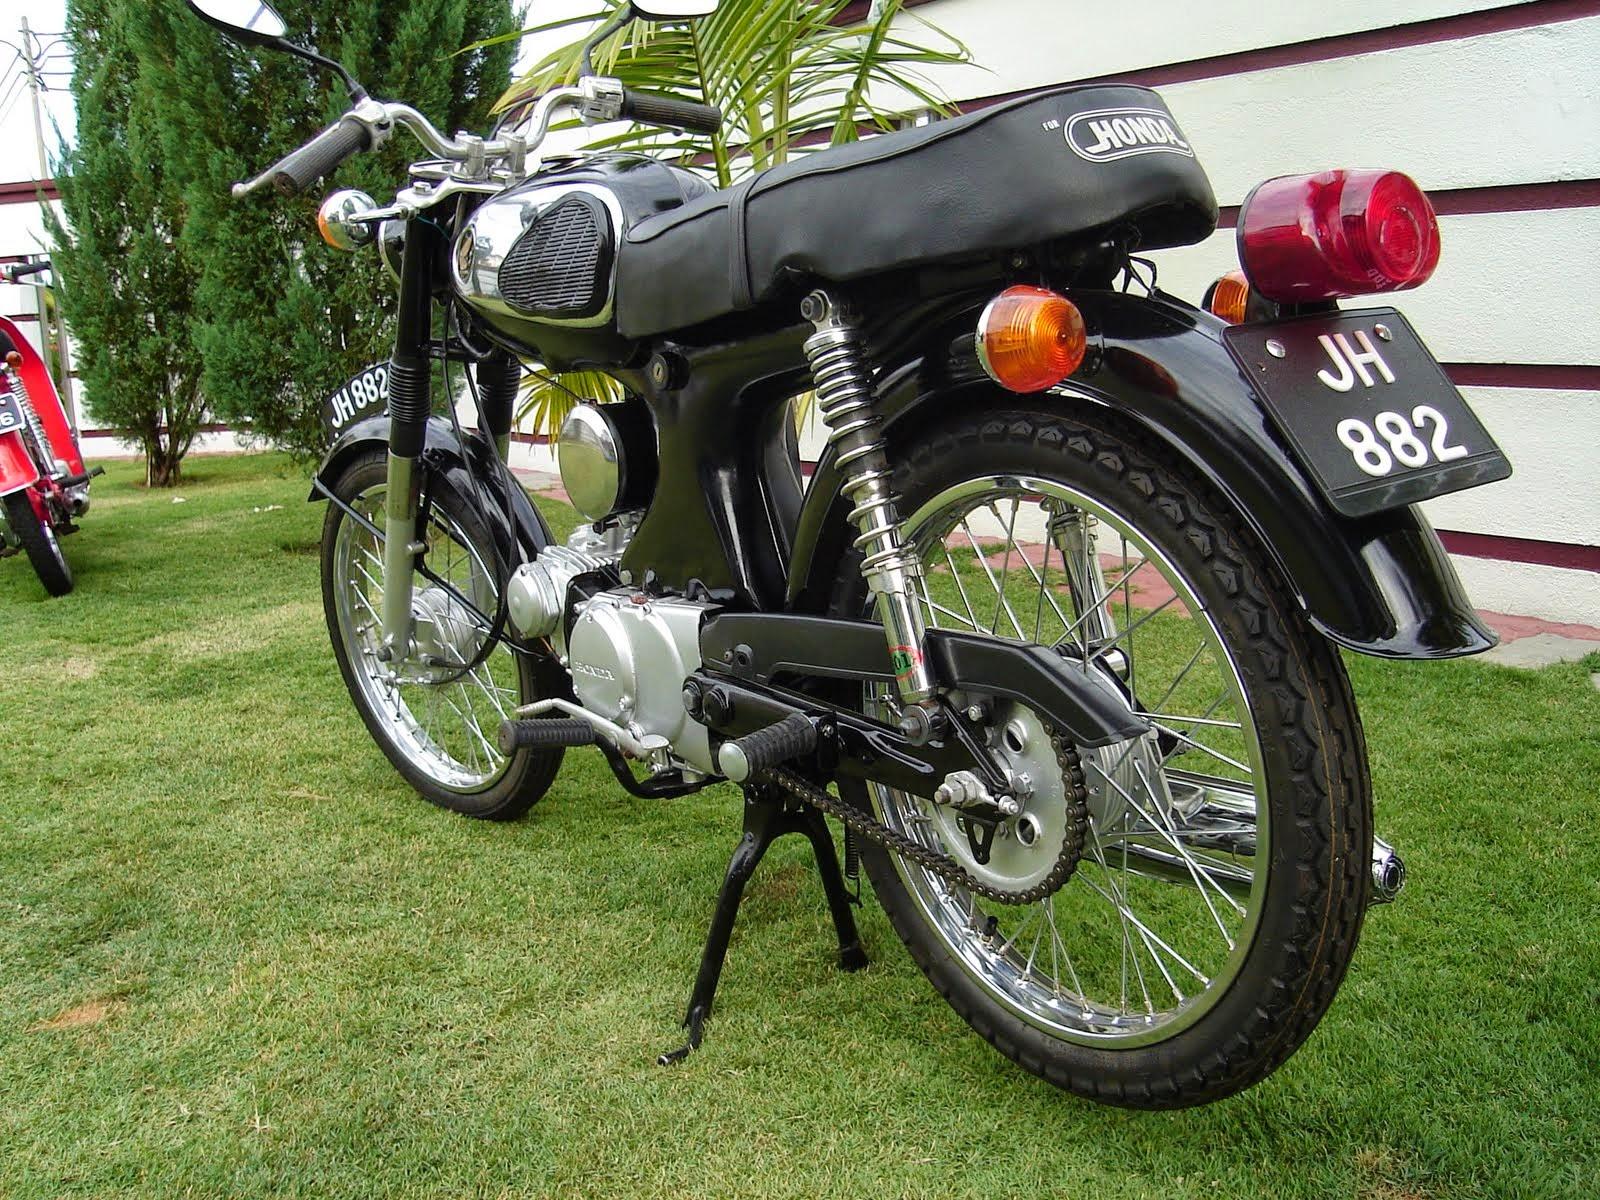 HOBIY Kumpulan Sepeda Motor Honda Era Dan An